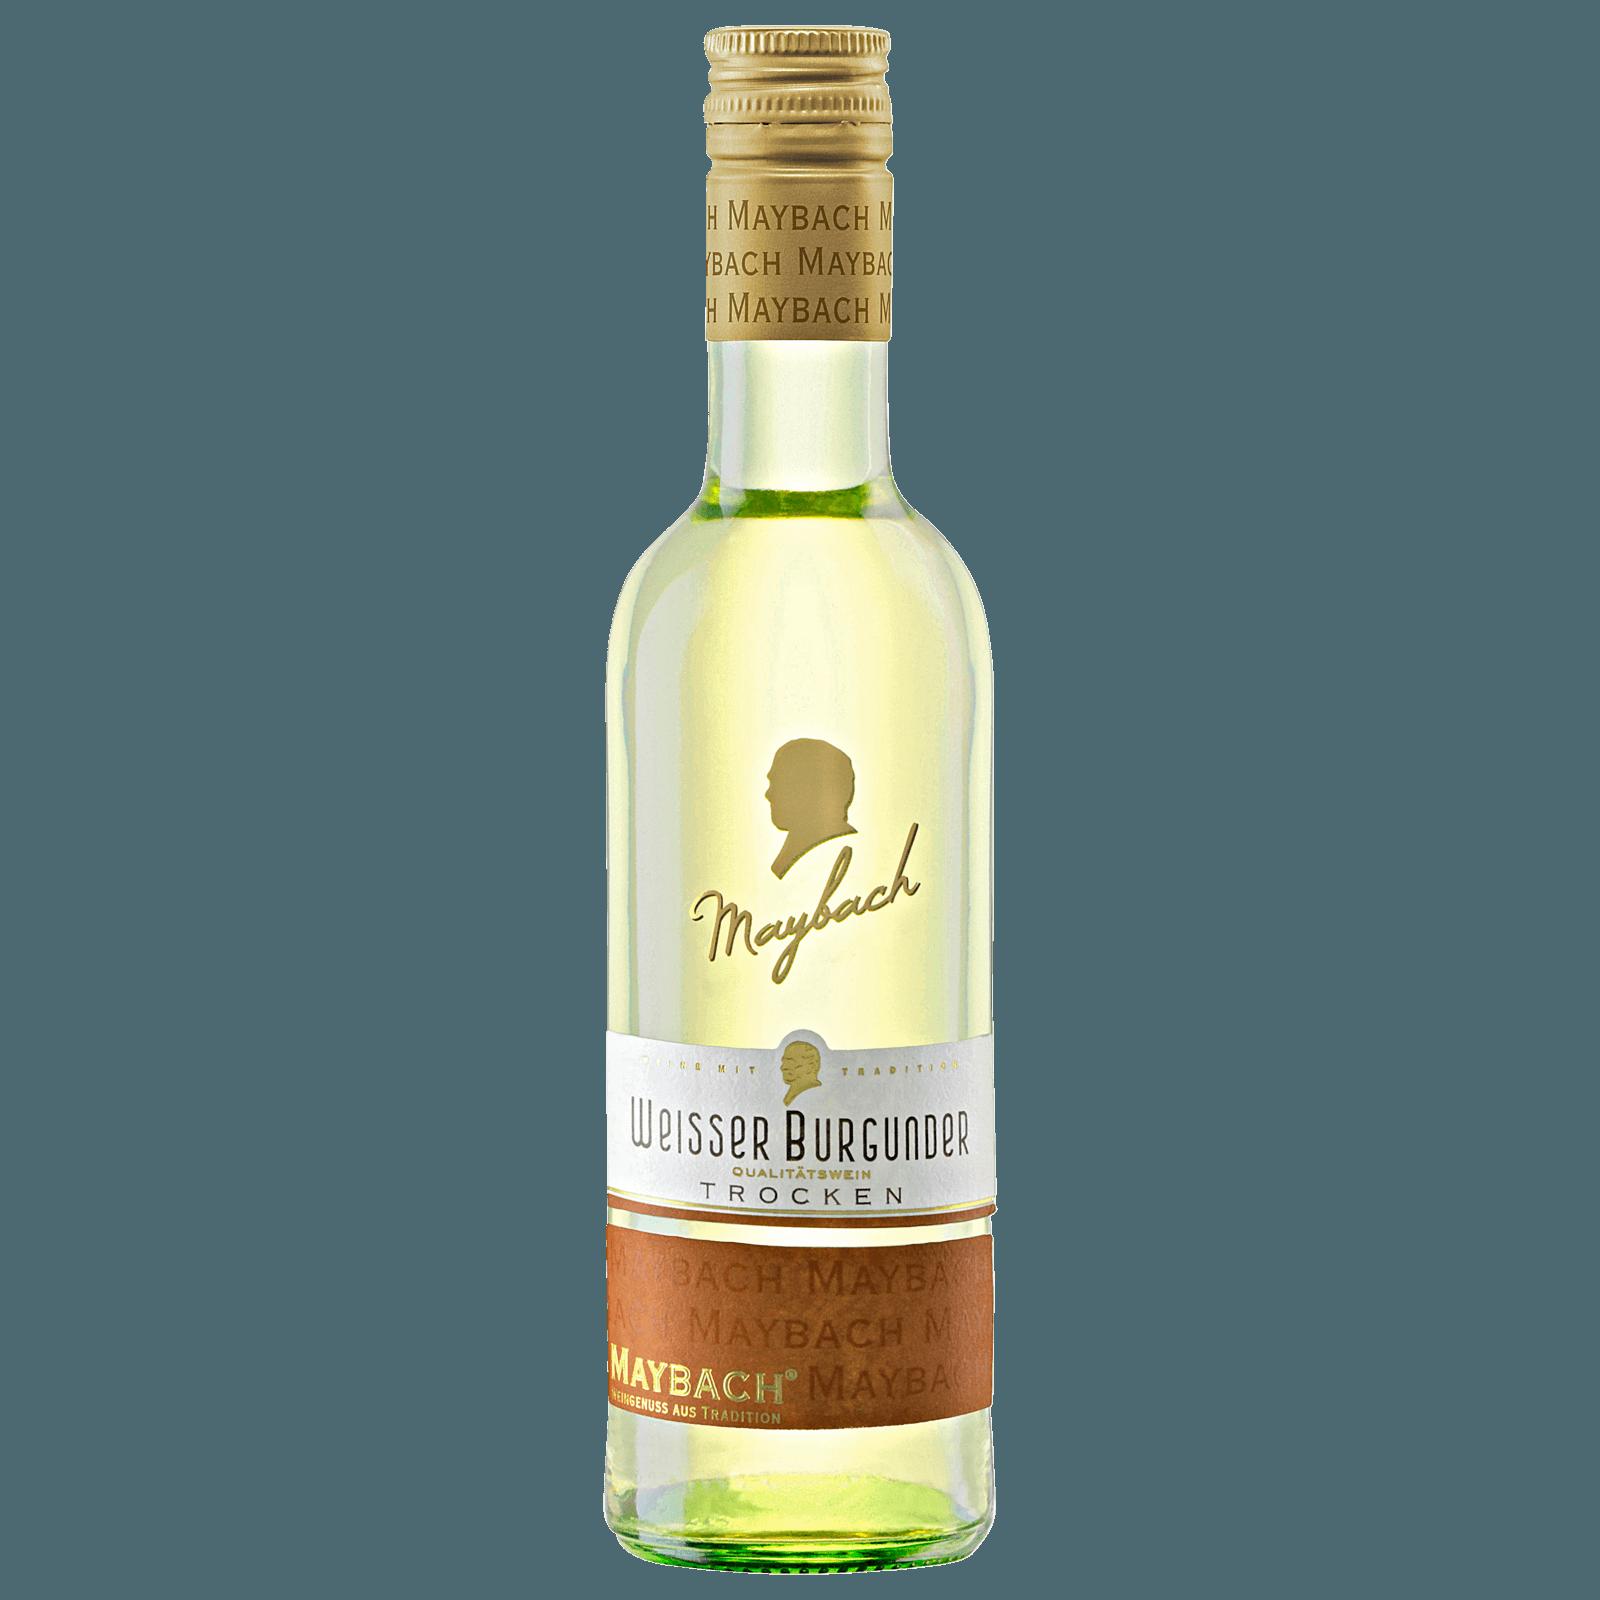 Maybach Weißer Burgunder QbA trocken 0,25l bei REWE online bestellen!